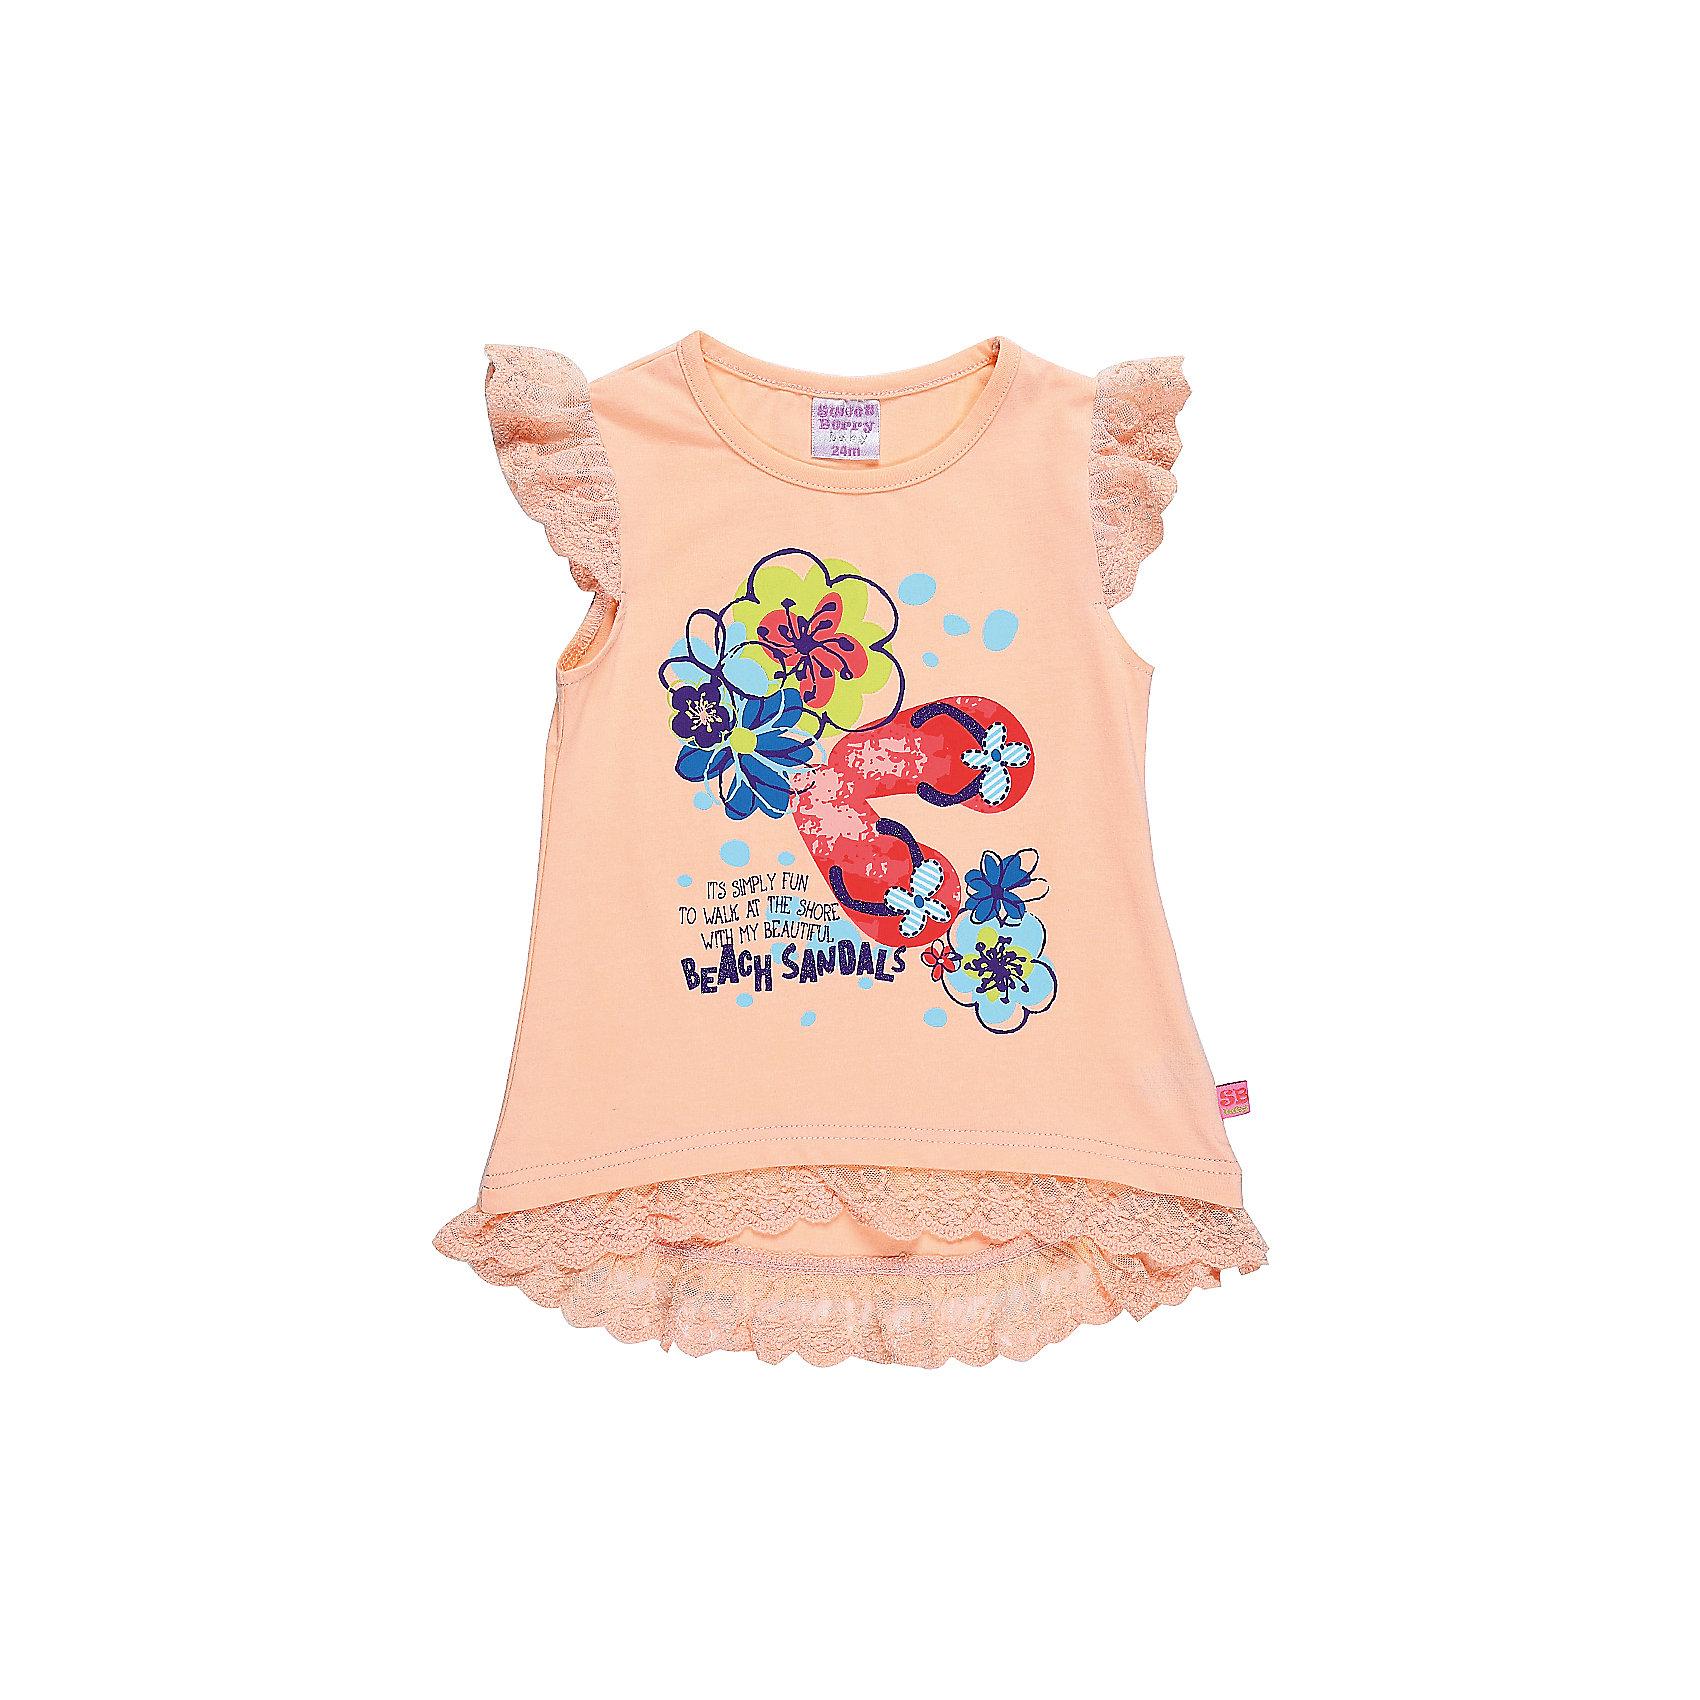 Футболка для девочки Sweet BerryФутболки, топы<br>Трикотажная футболка для девочки с ассиметричным низом. Рукава Декорированые кружевом. На полочке красивая цветочная аппликация.<br>Состав:<br>95%хлопок 5%эластан<br><br>Ширина мм: 199<br>Глубина мм: 10<br>Высота мм: 161<br>Вес г: 151<br>Цвет: оранжевый<br>Возраст от месяцев: 12<br>Возраст до месяцев: 15<br>Пол: Женский<br>Возраст: Детский<br>Размер: 80,86,92,98<br>SKU: 5410873